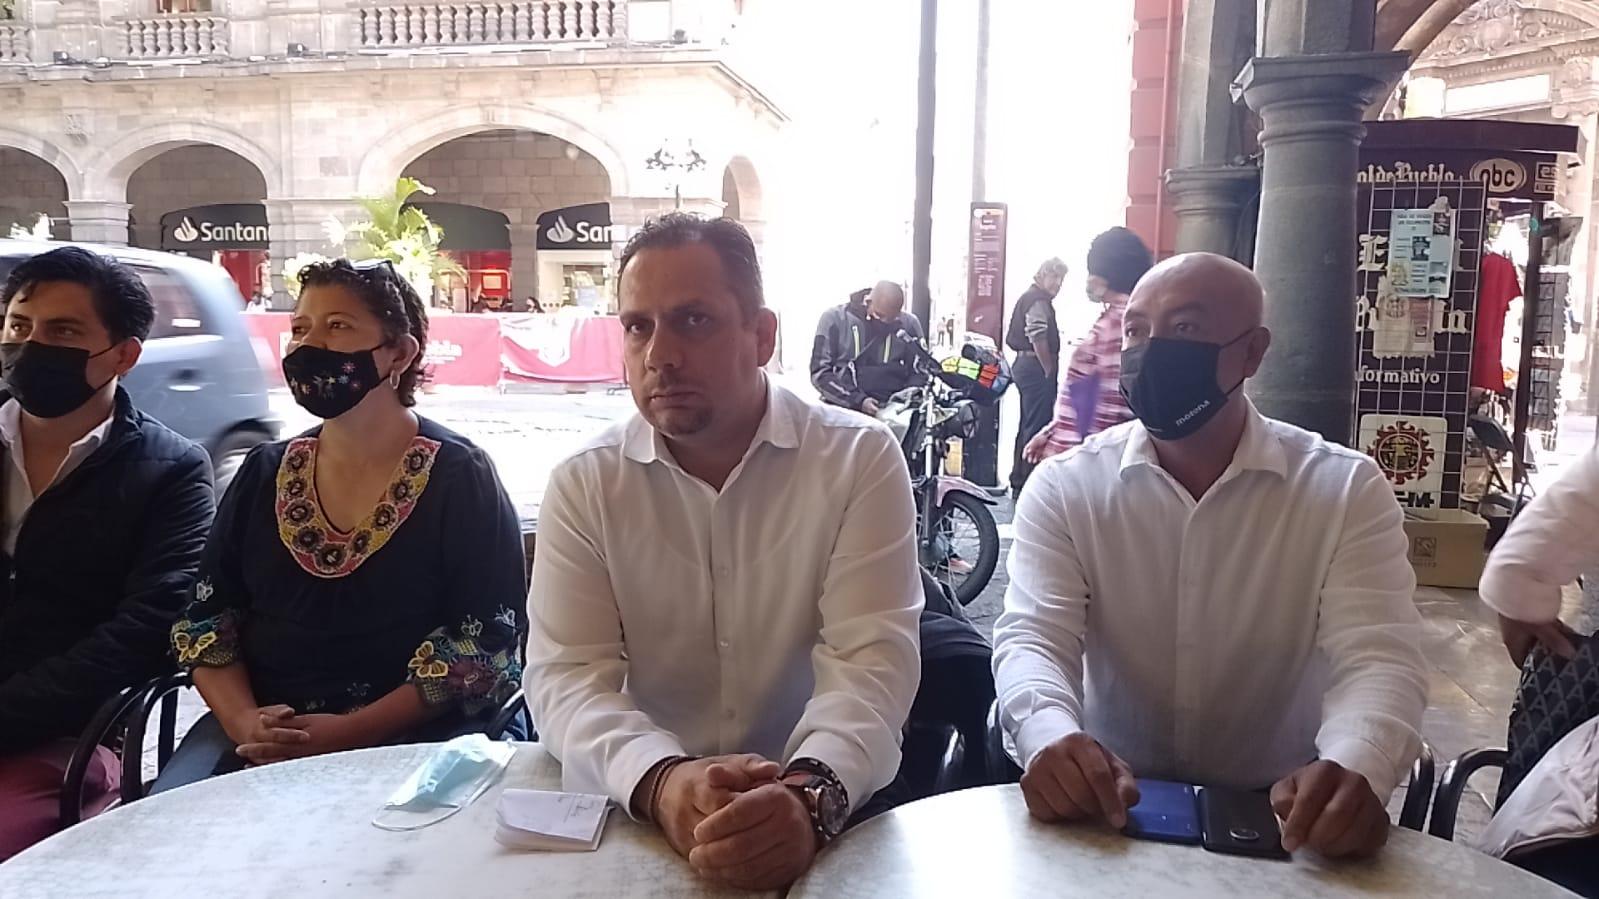 Pide Alejandro Carvajal un proceso justo para el activista Eloy Méndez Becerra